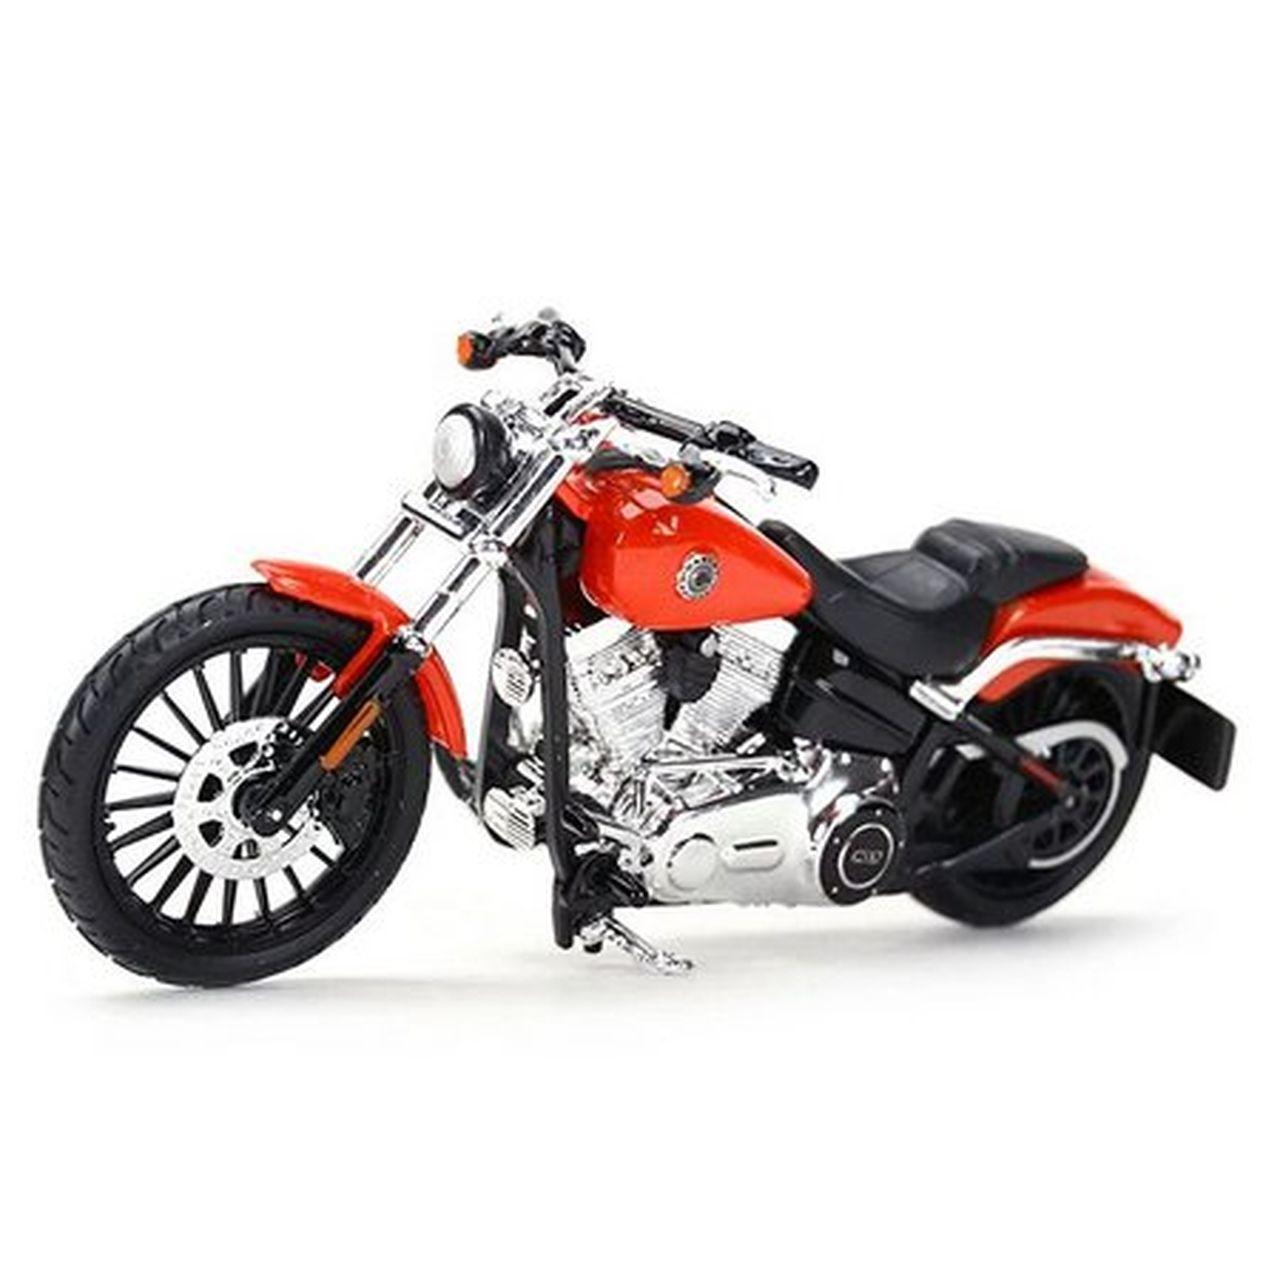 Miniatura Moto Breakout 2016 (Serie 36): Harley Davidson (Escala 1/18) - Maisco